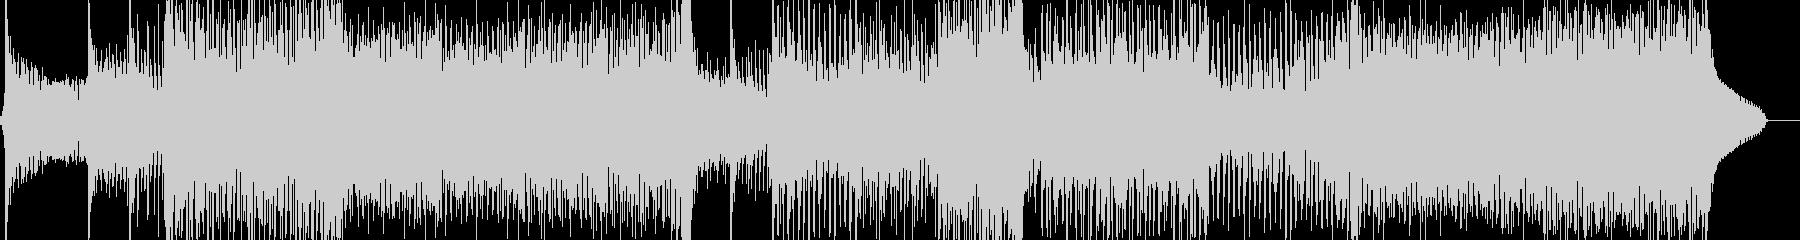 民族音階とサイケデリックなEDMの未再生の波形